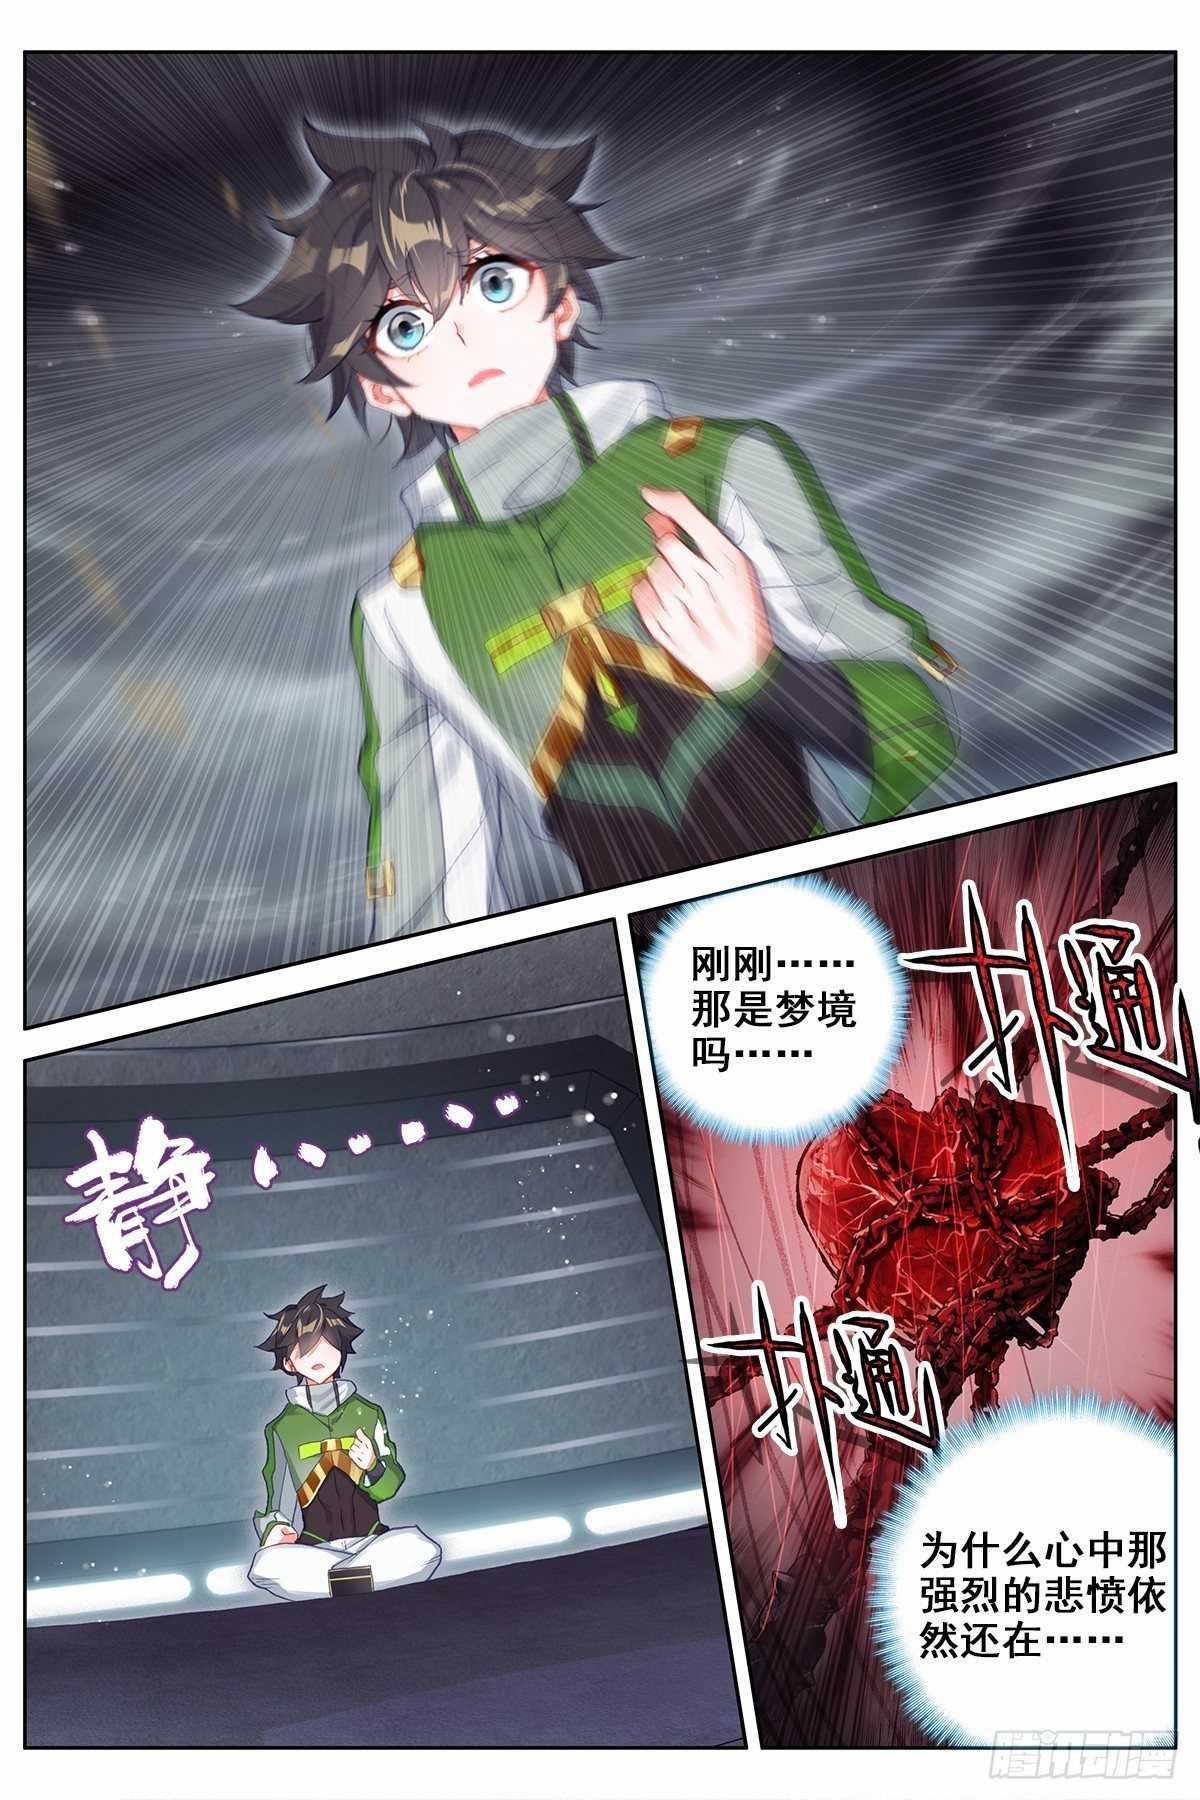 【漫画更新】《斗罗大陆4终极斗罗》总181~182话